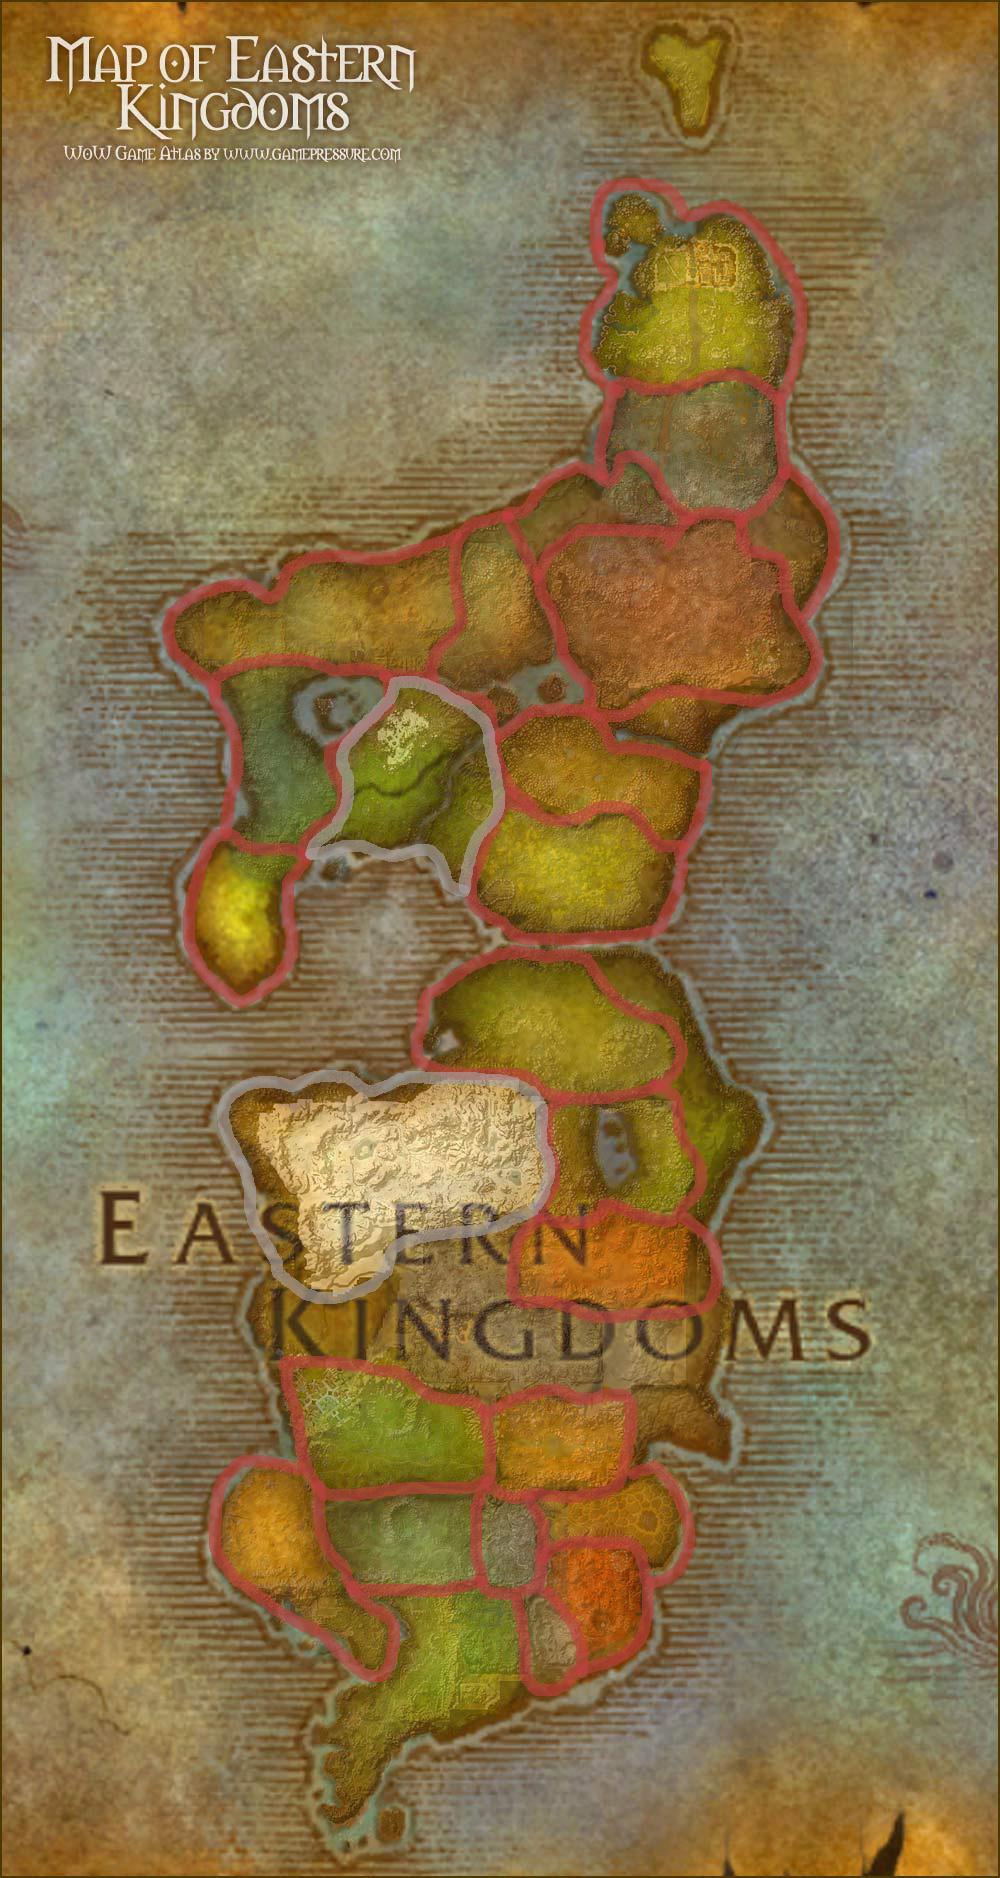 Reinos del Este - Mapa de Conquista Mapaco10